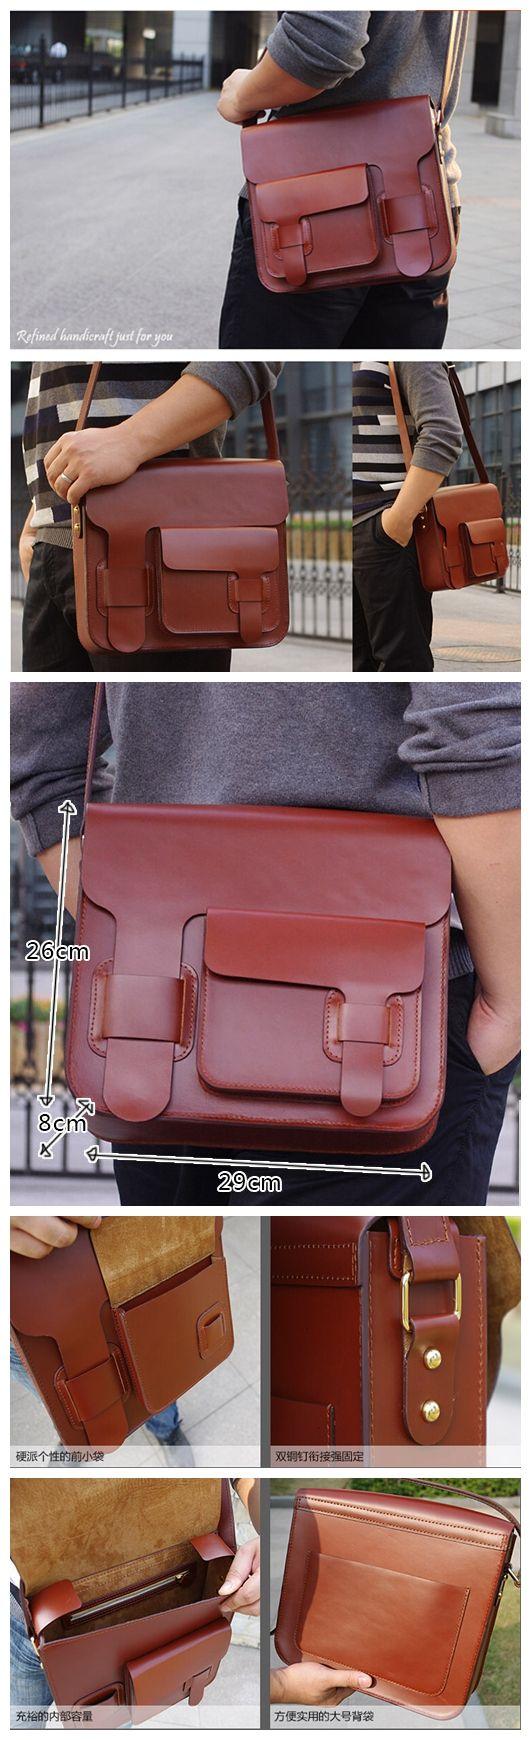 100% Handmade Genuine Leather Messenger Bag, Crossbody Bag, Shoulder Bag